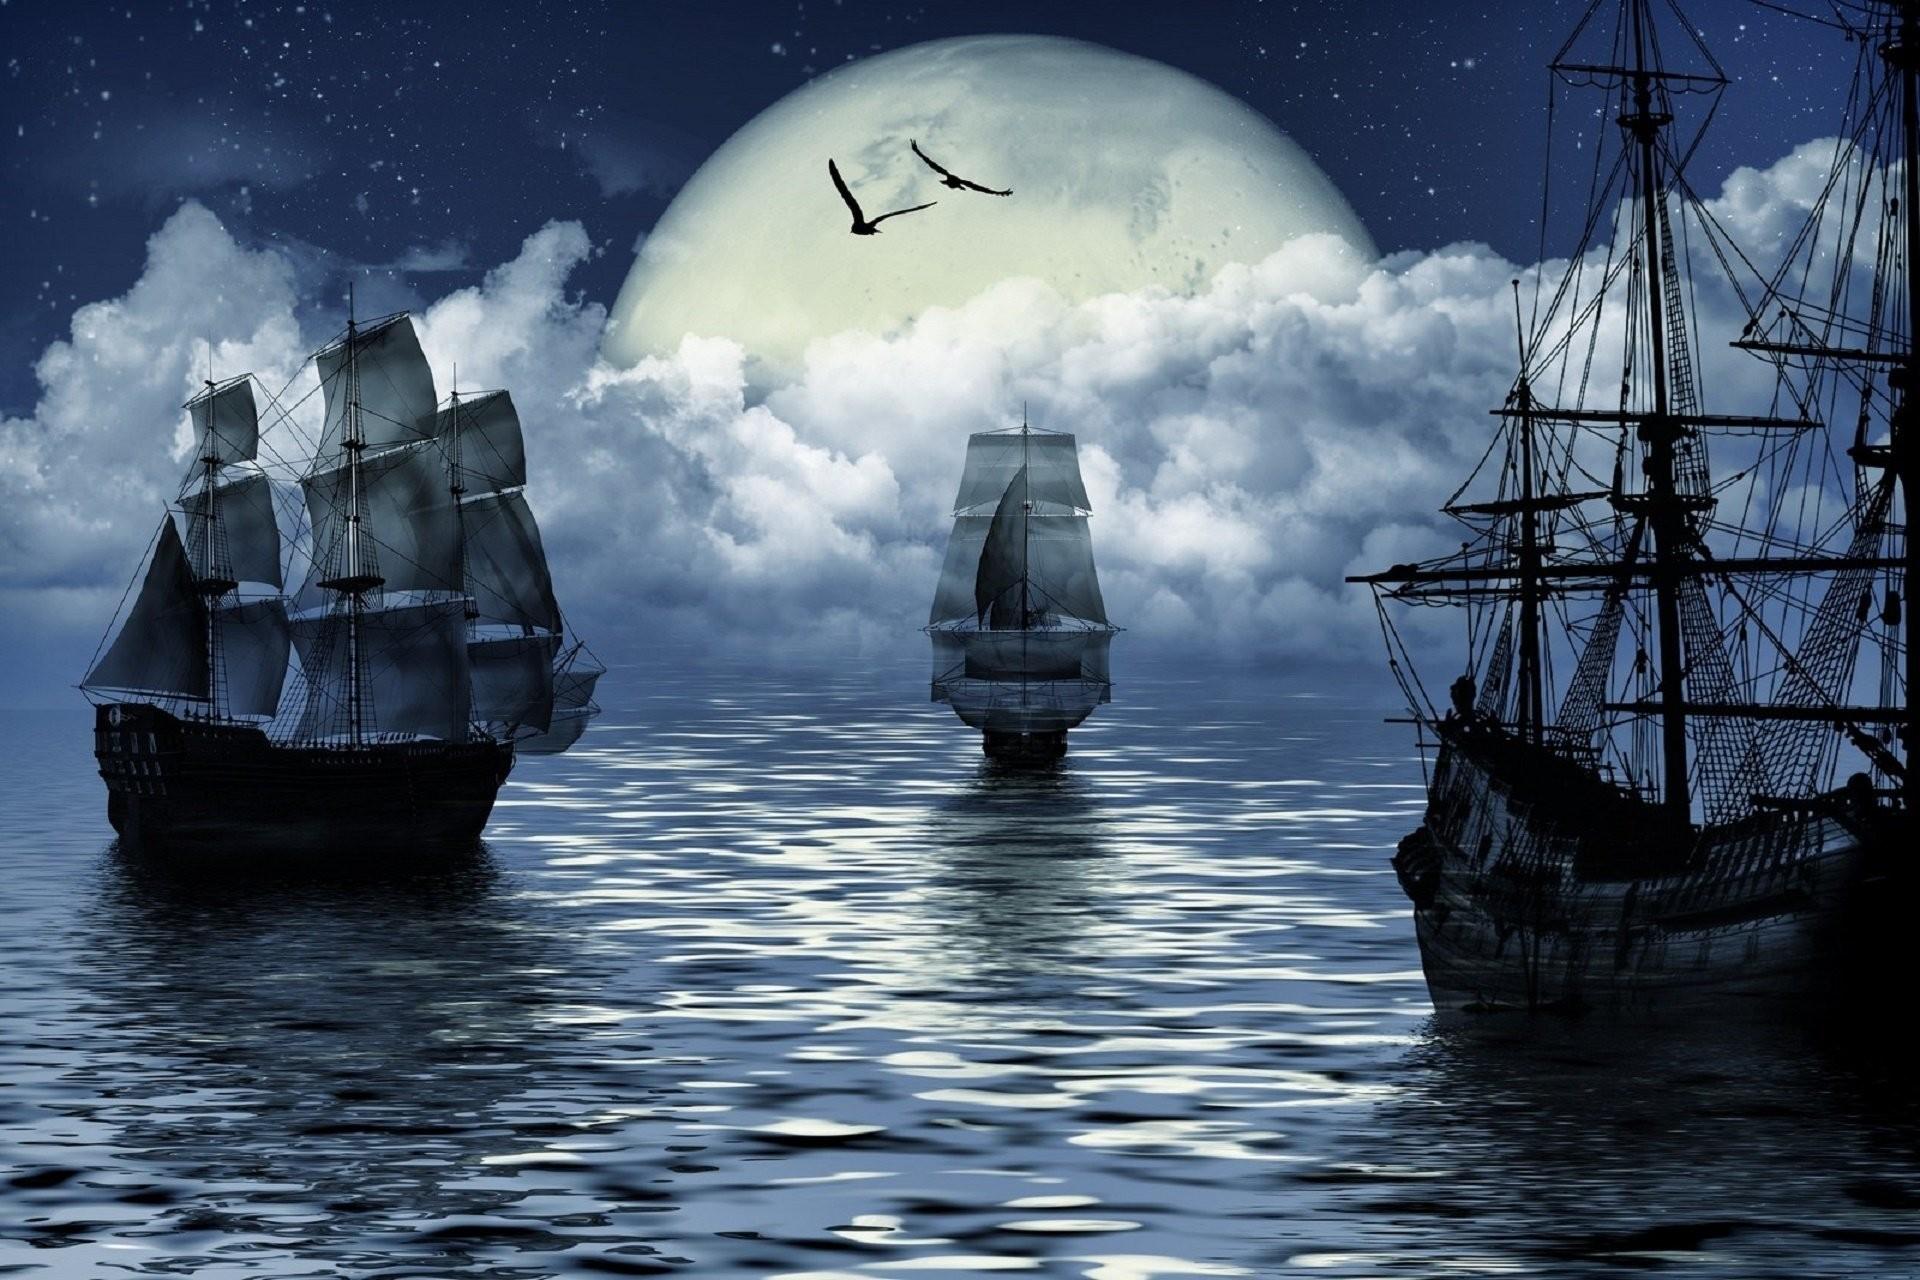 fantasy moon sailing sea ship fantasy moon sailing sea ship